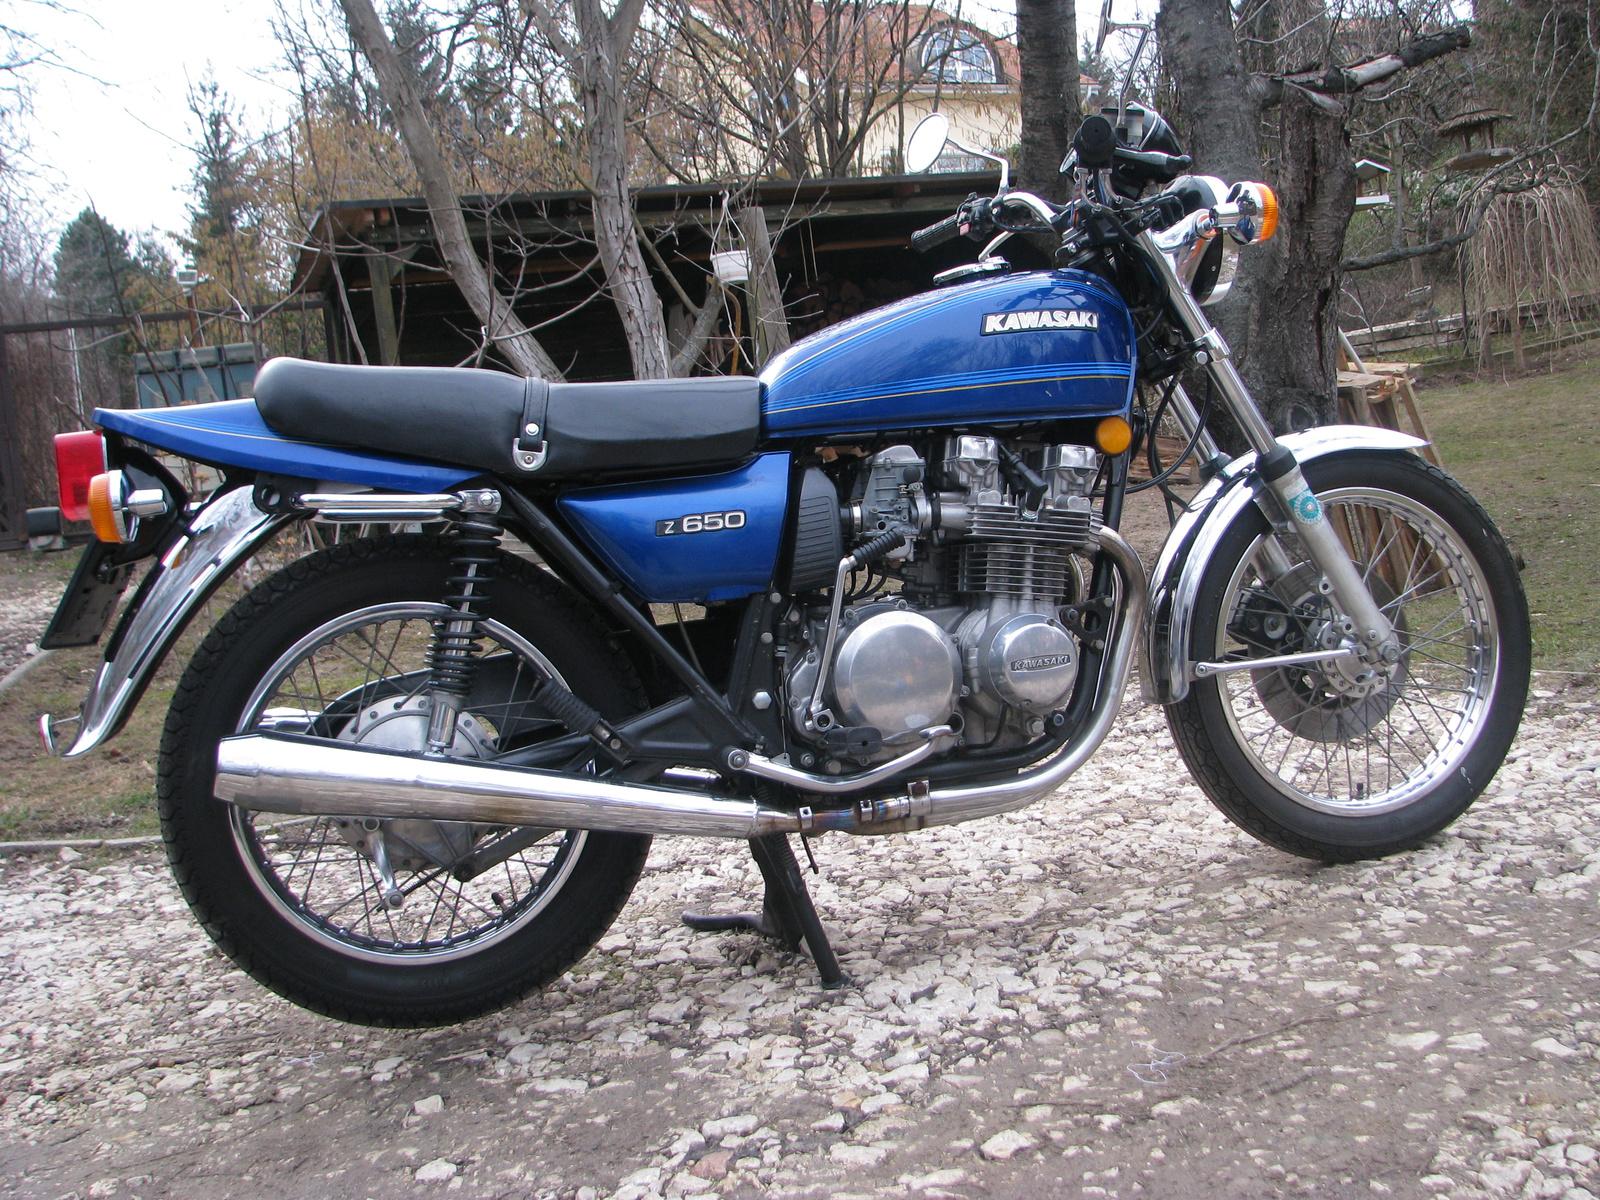 Kawasaki z650 1